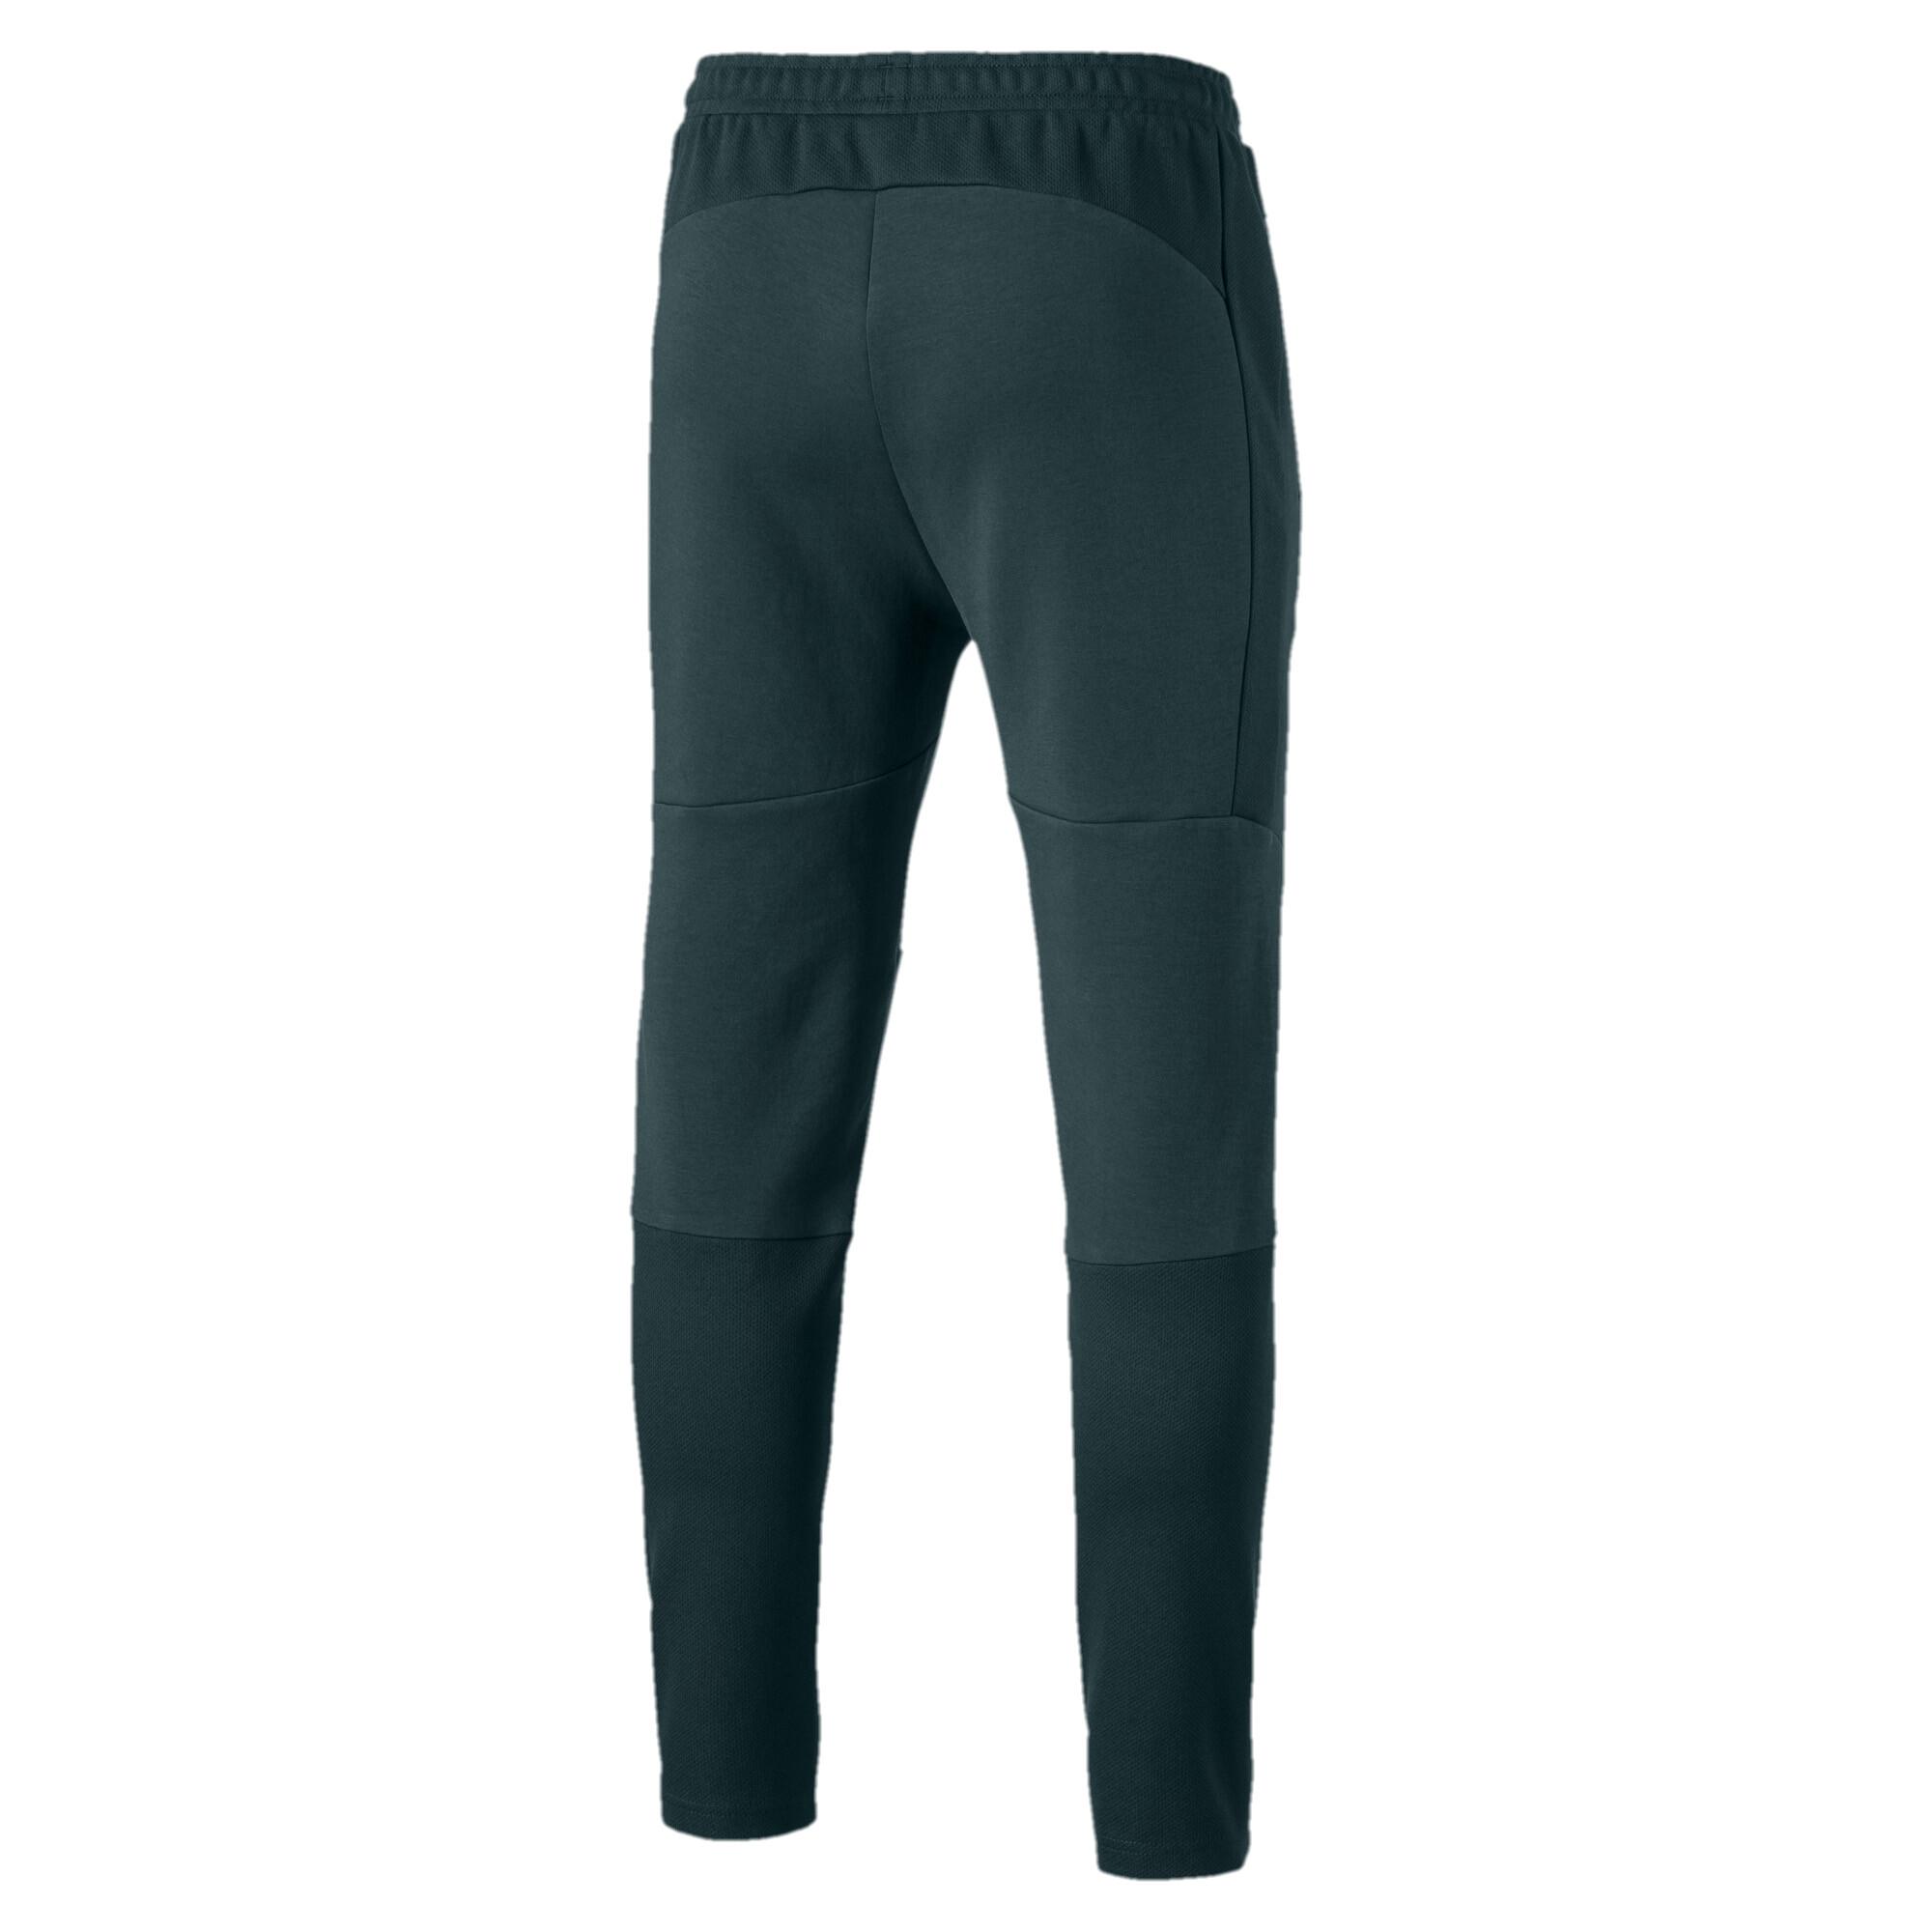 195d01e4b PUMA-Evostripe-Move-Pants-Men-Knitted-Pants-Basics thumbnail